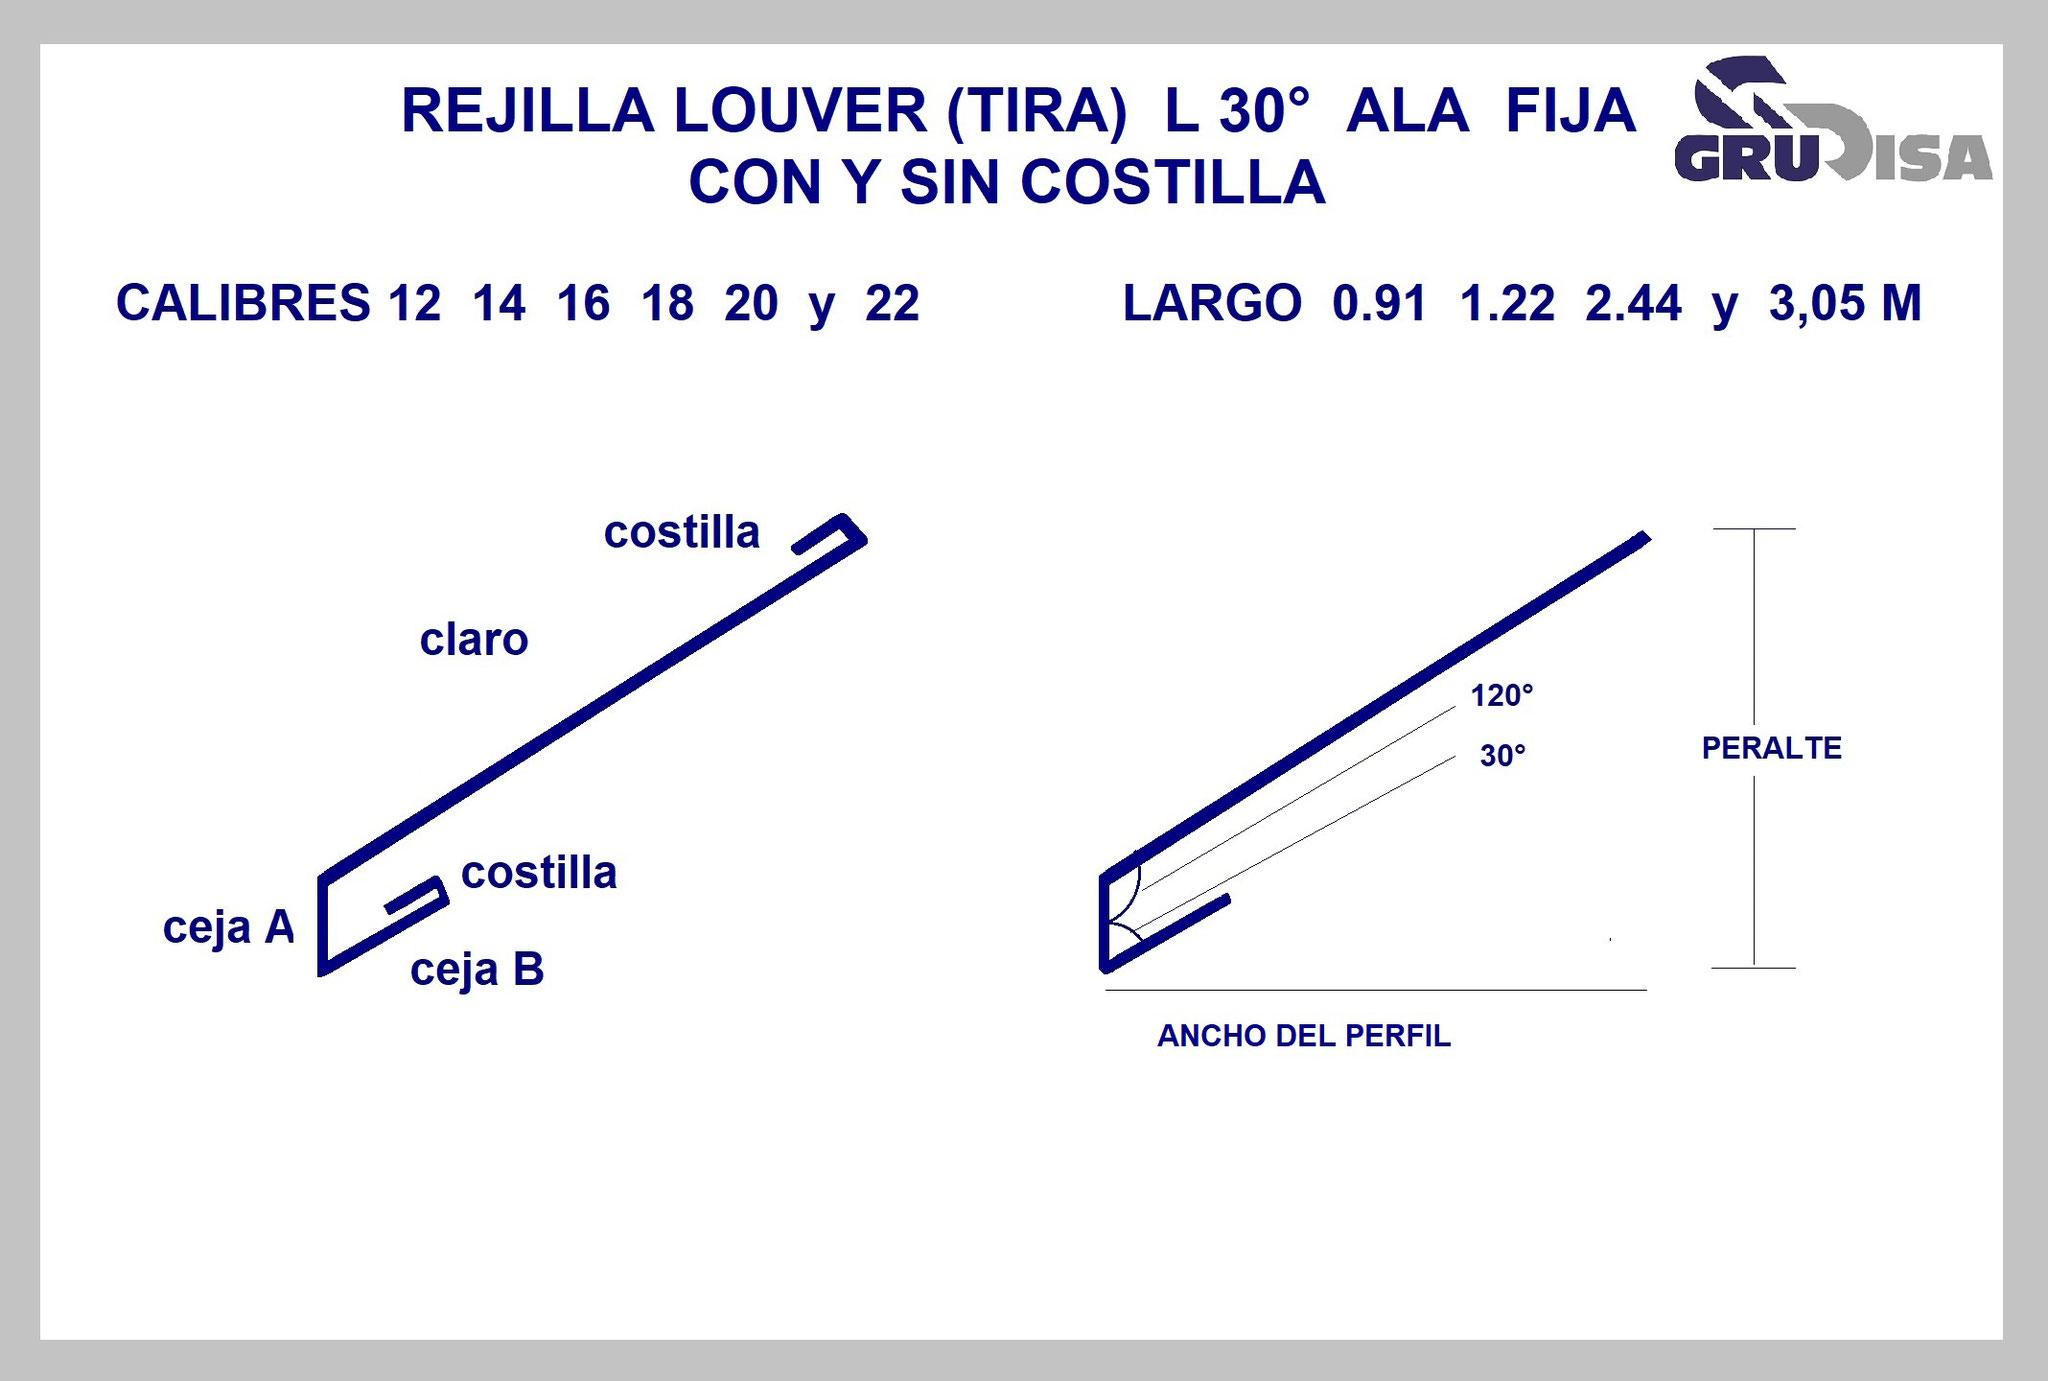 REJILLA LOUVER (TIRA) L 30°